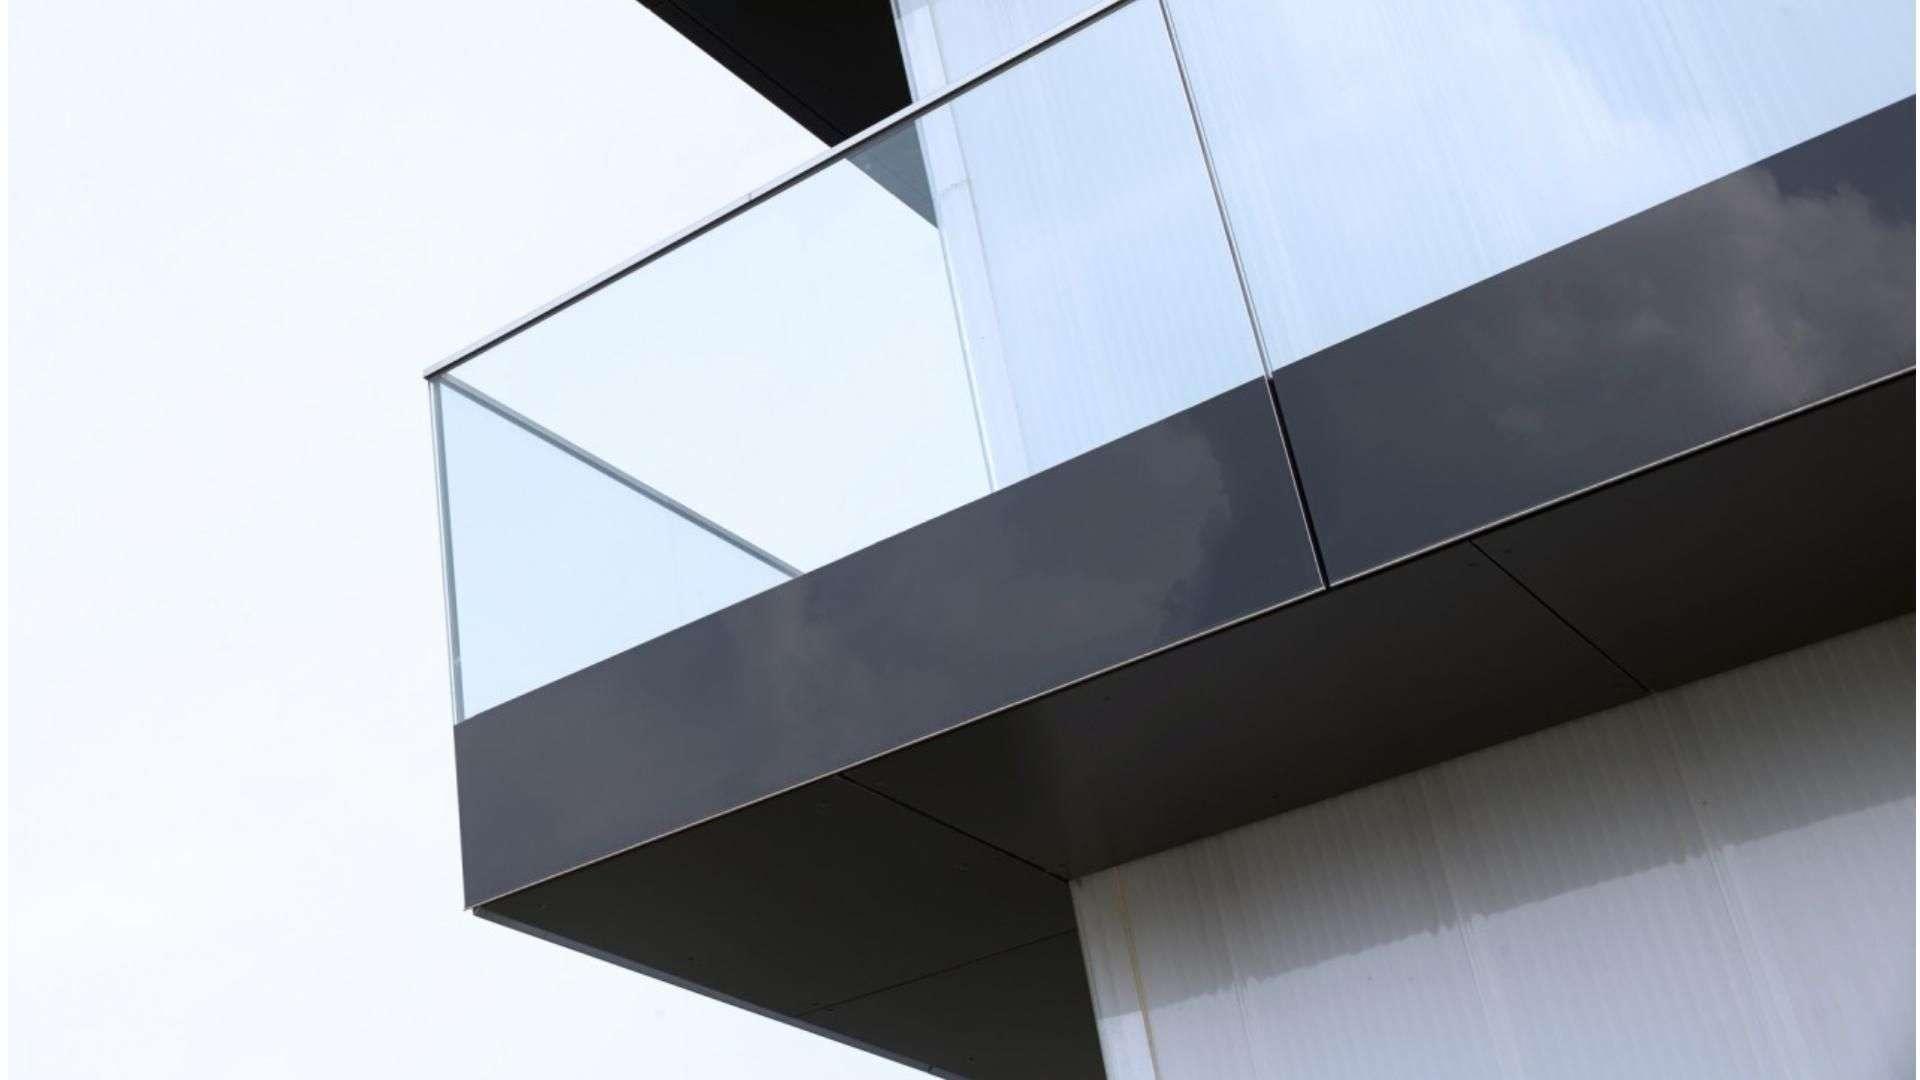 Glas-Balkon vor einem Haus